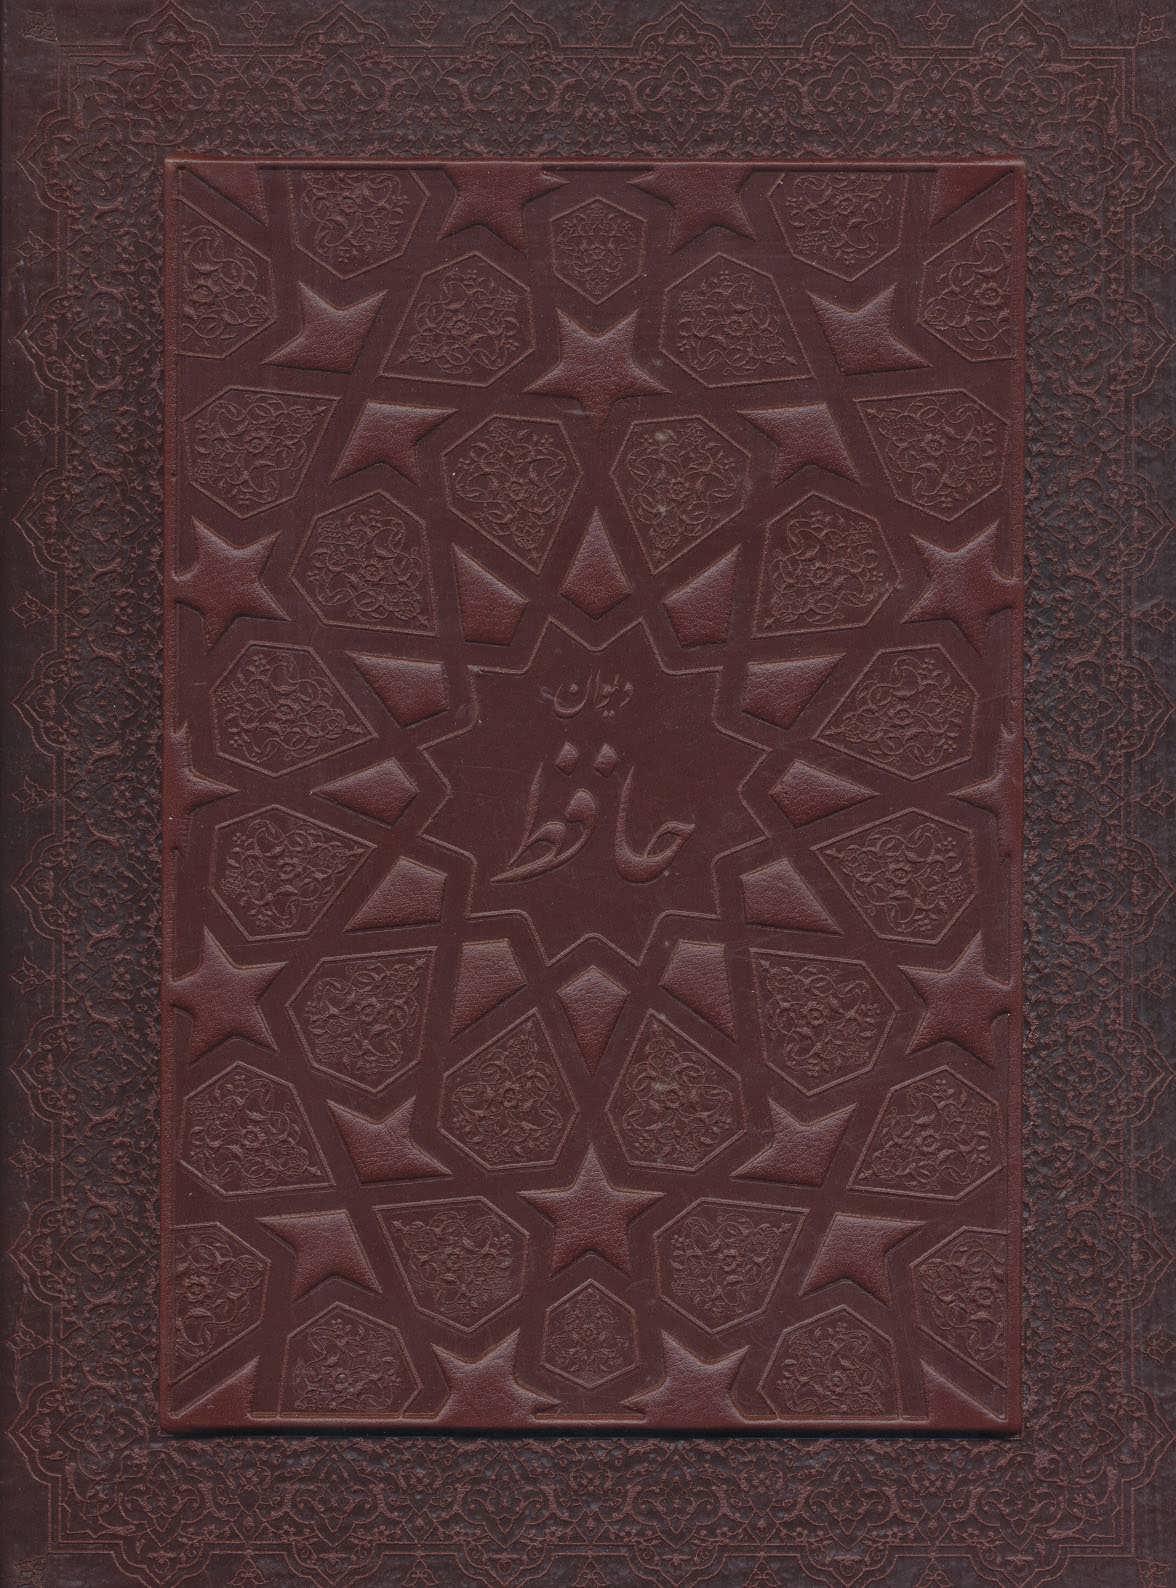 دیوان حافظ (گلاسه،باجعبه،لب طلایی)